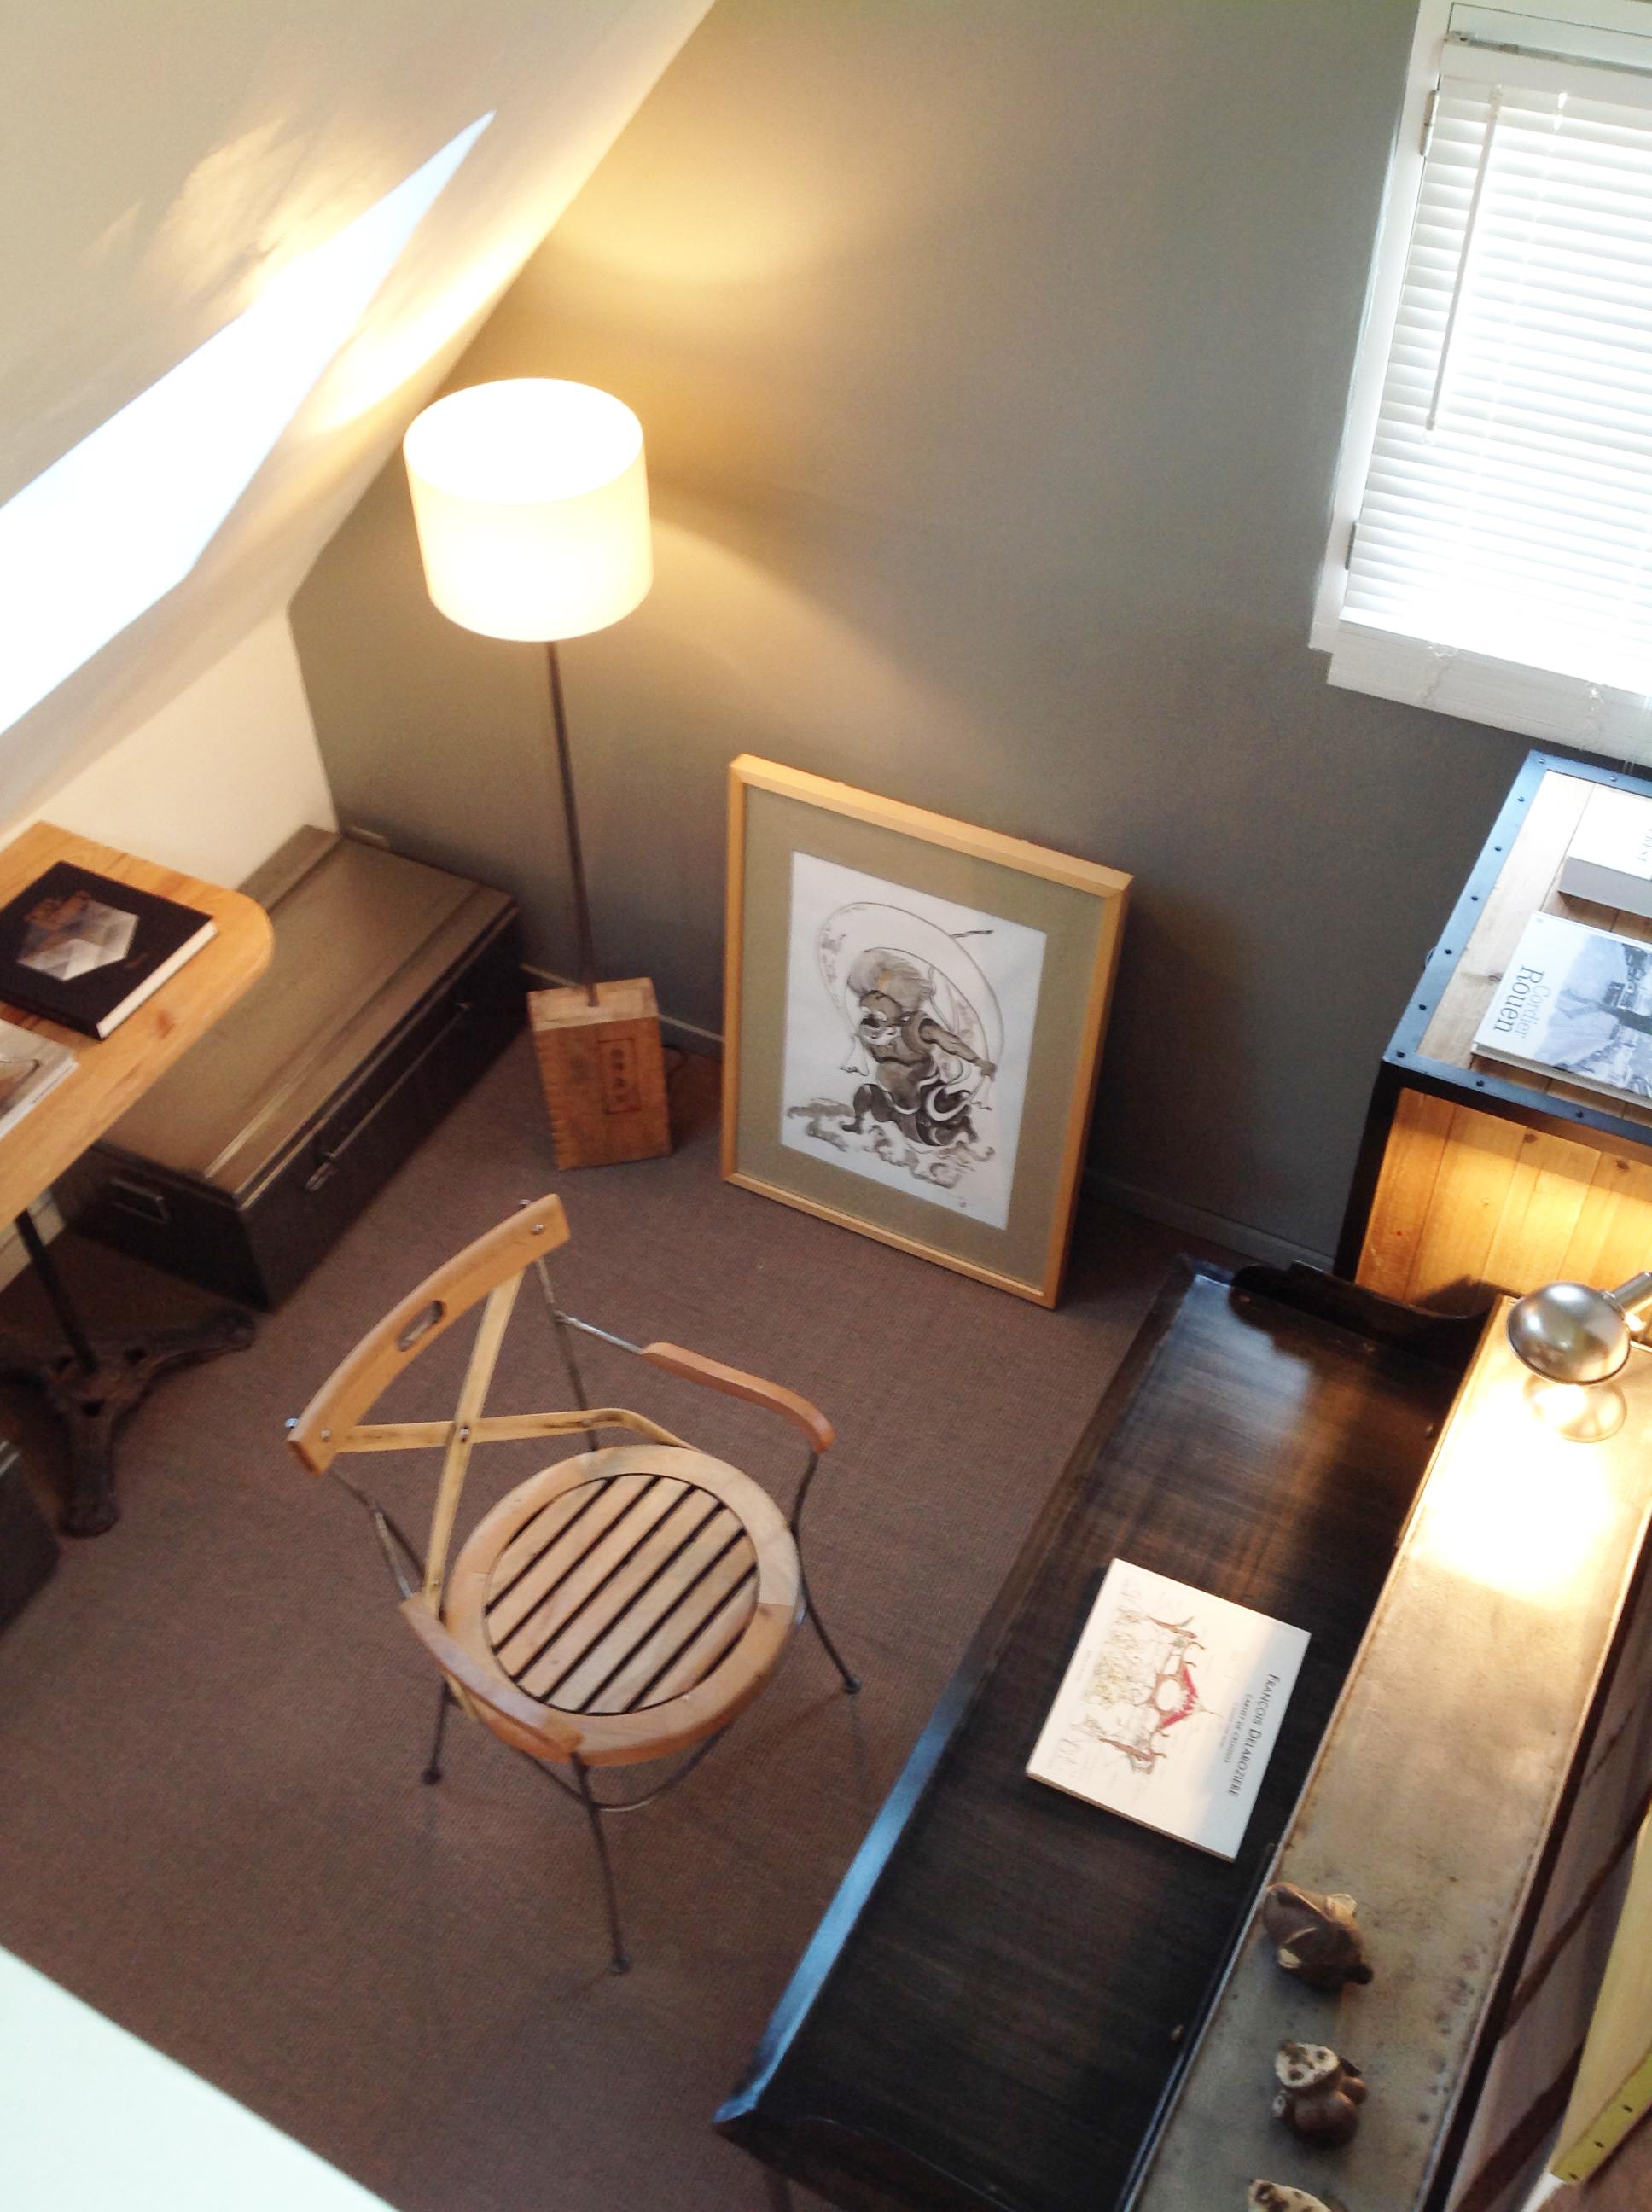 architecte d 39 int rieur rouen rj architecture rachel joly. Black Bedroom Furniture Sets. Home Design Ideas